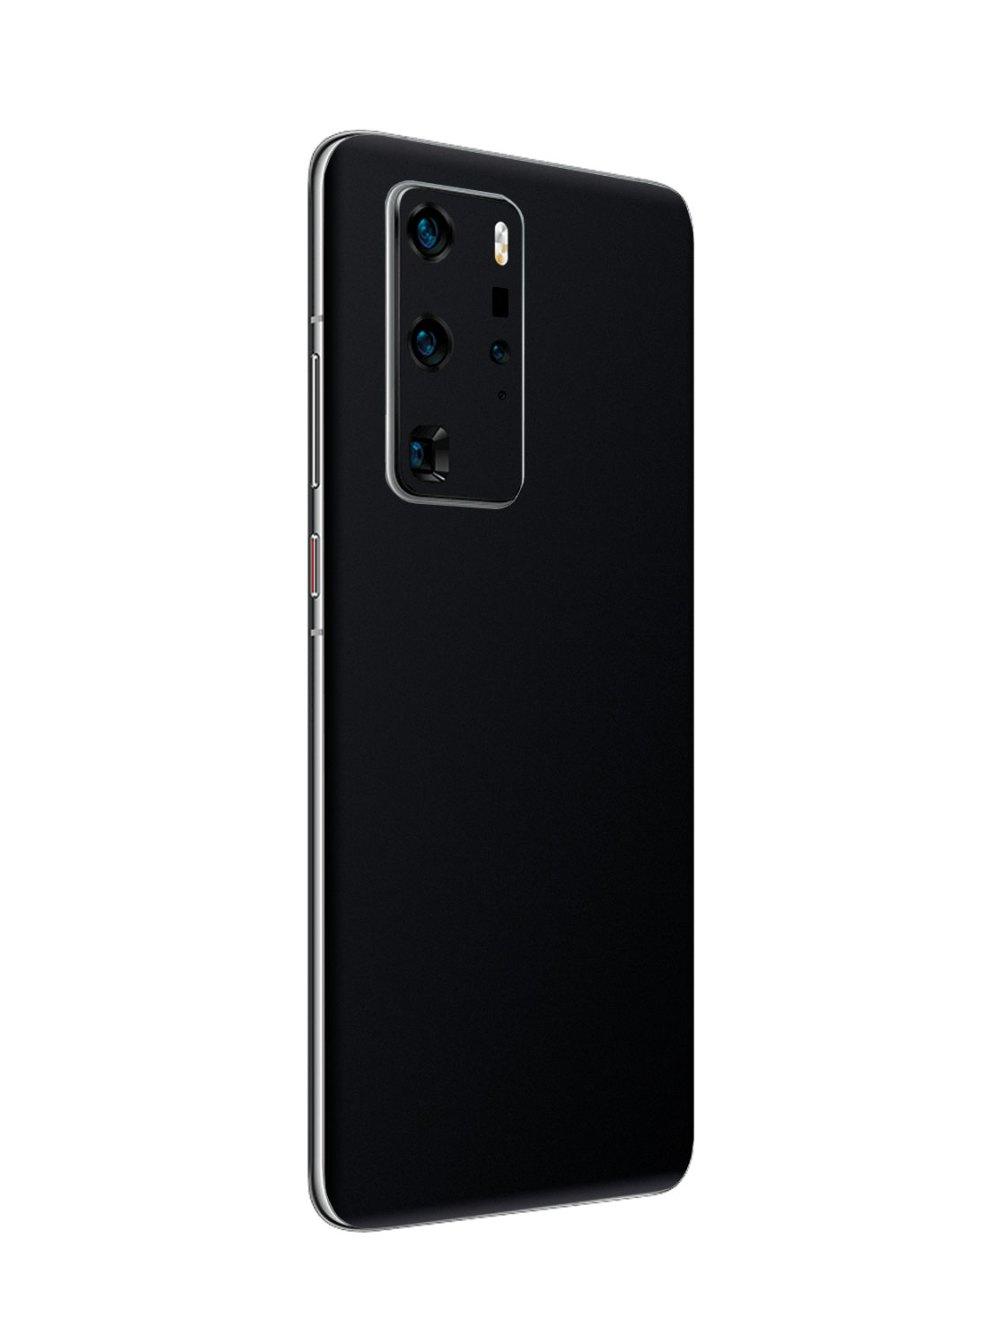 Matt Black Vinyl Skin for Huawei P40 Pro